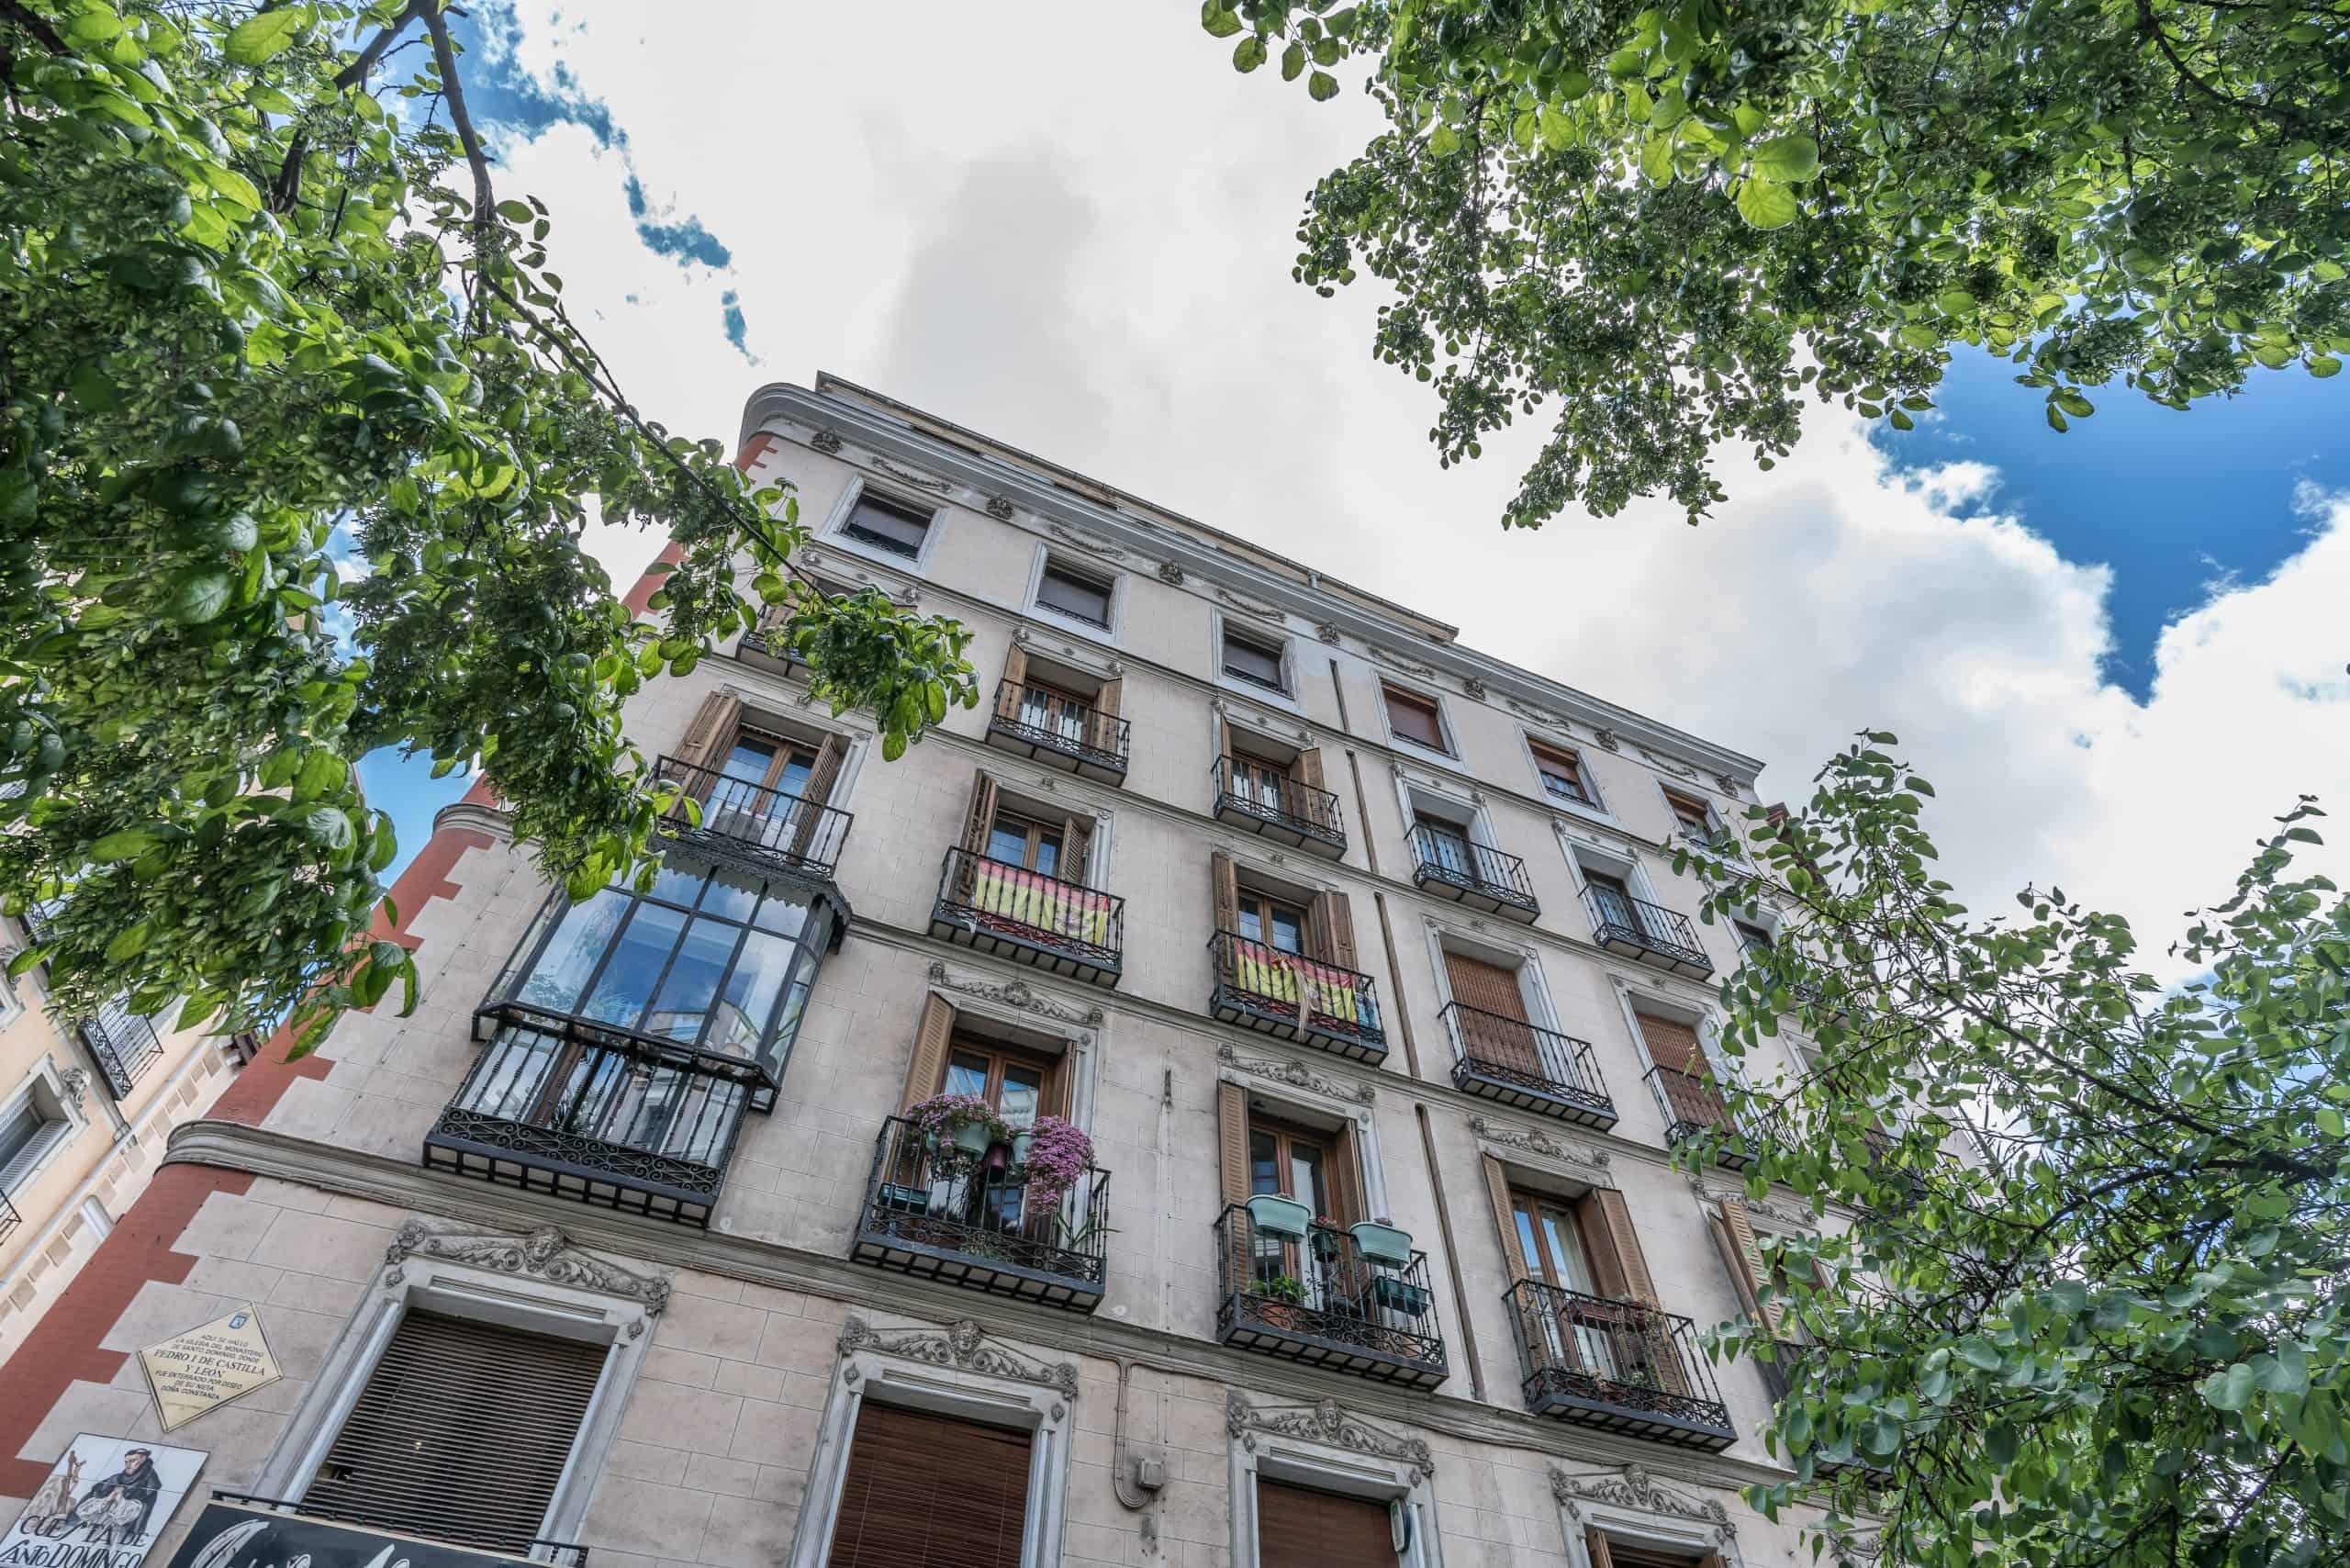 0 FACHADA (1) (Copy) Agencia Inmobiliaria de Madrid-FUTUROCASA-Zona ARGANZUELA-